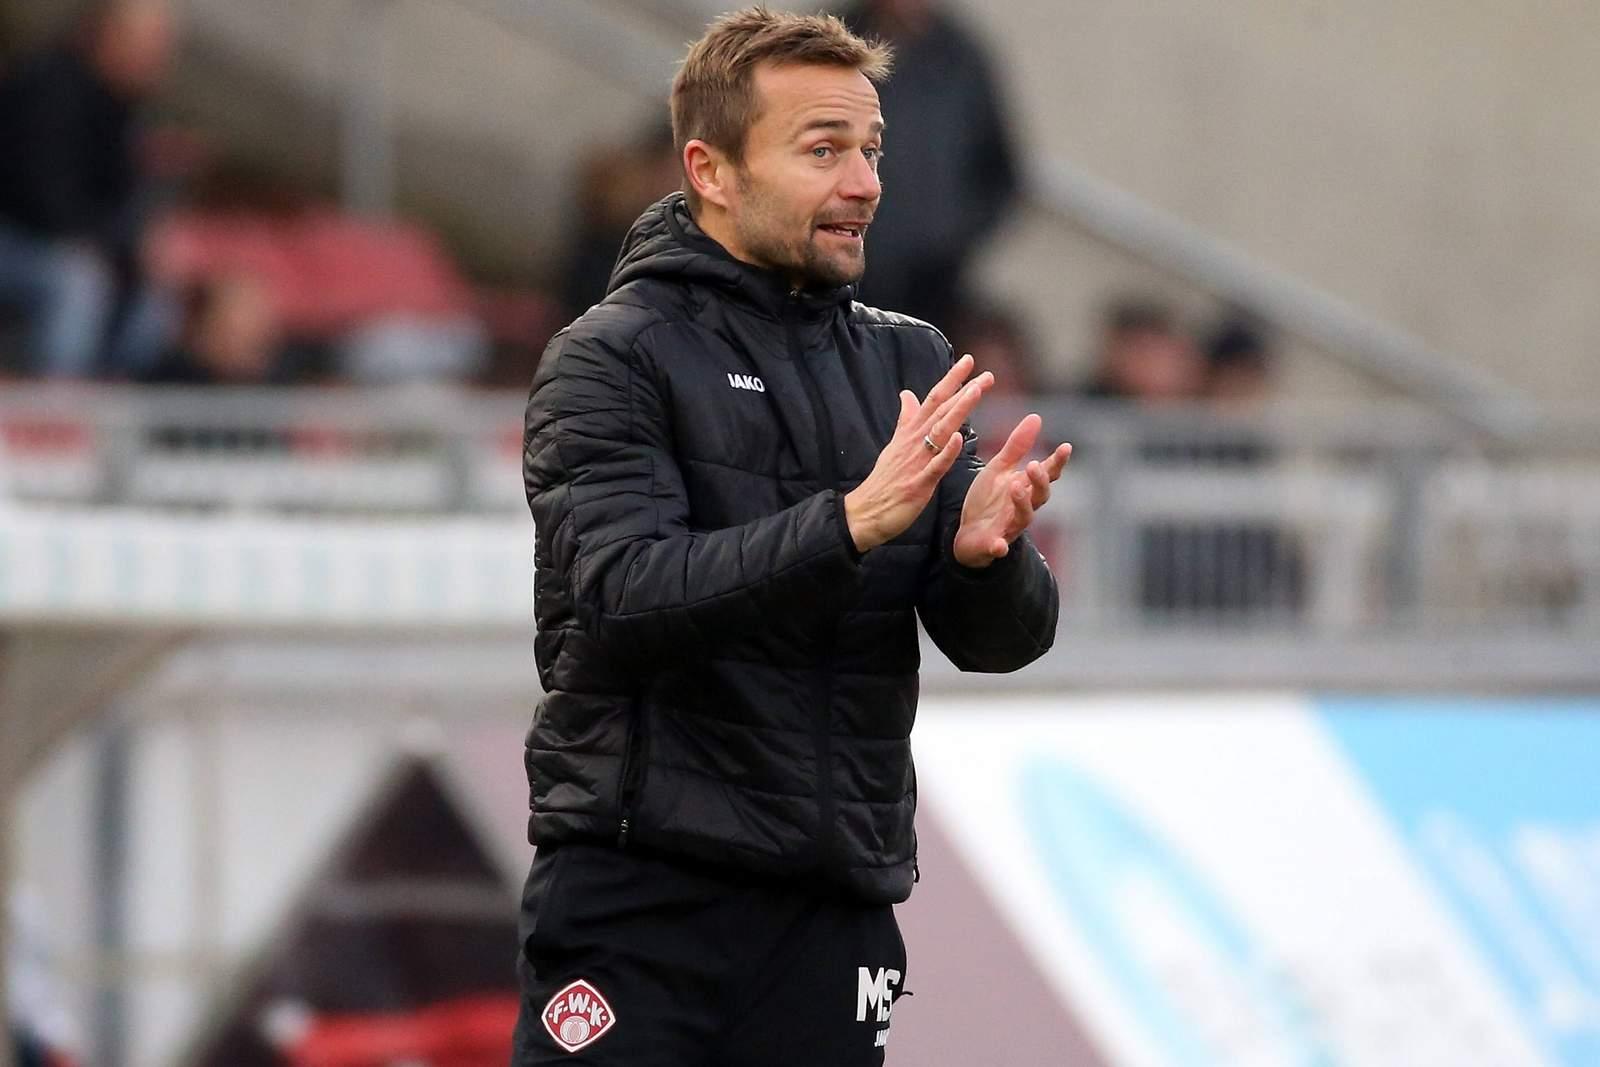 Darf auf neuen Vertrag hoffen: Würzburgs Trainer Michael Schiele